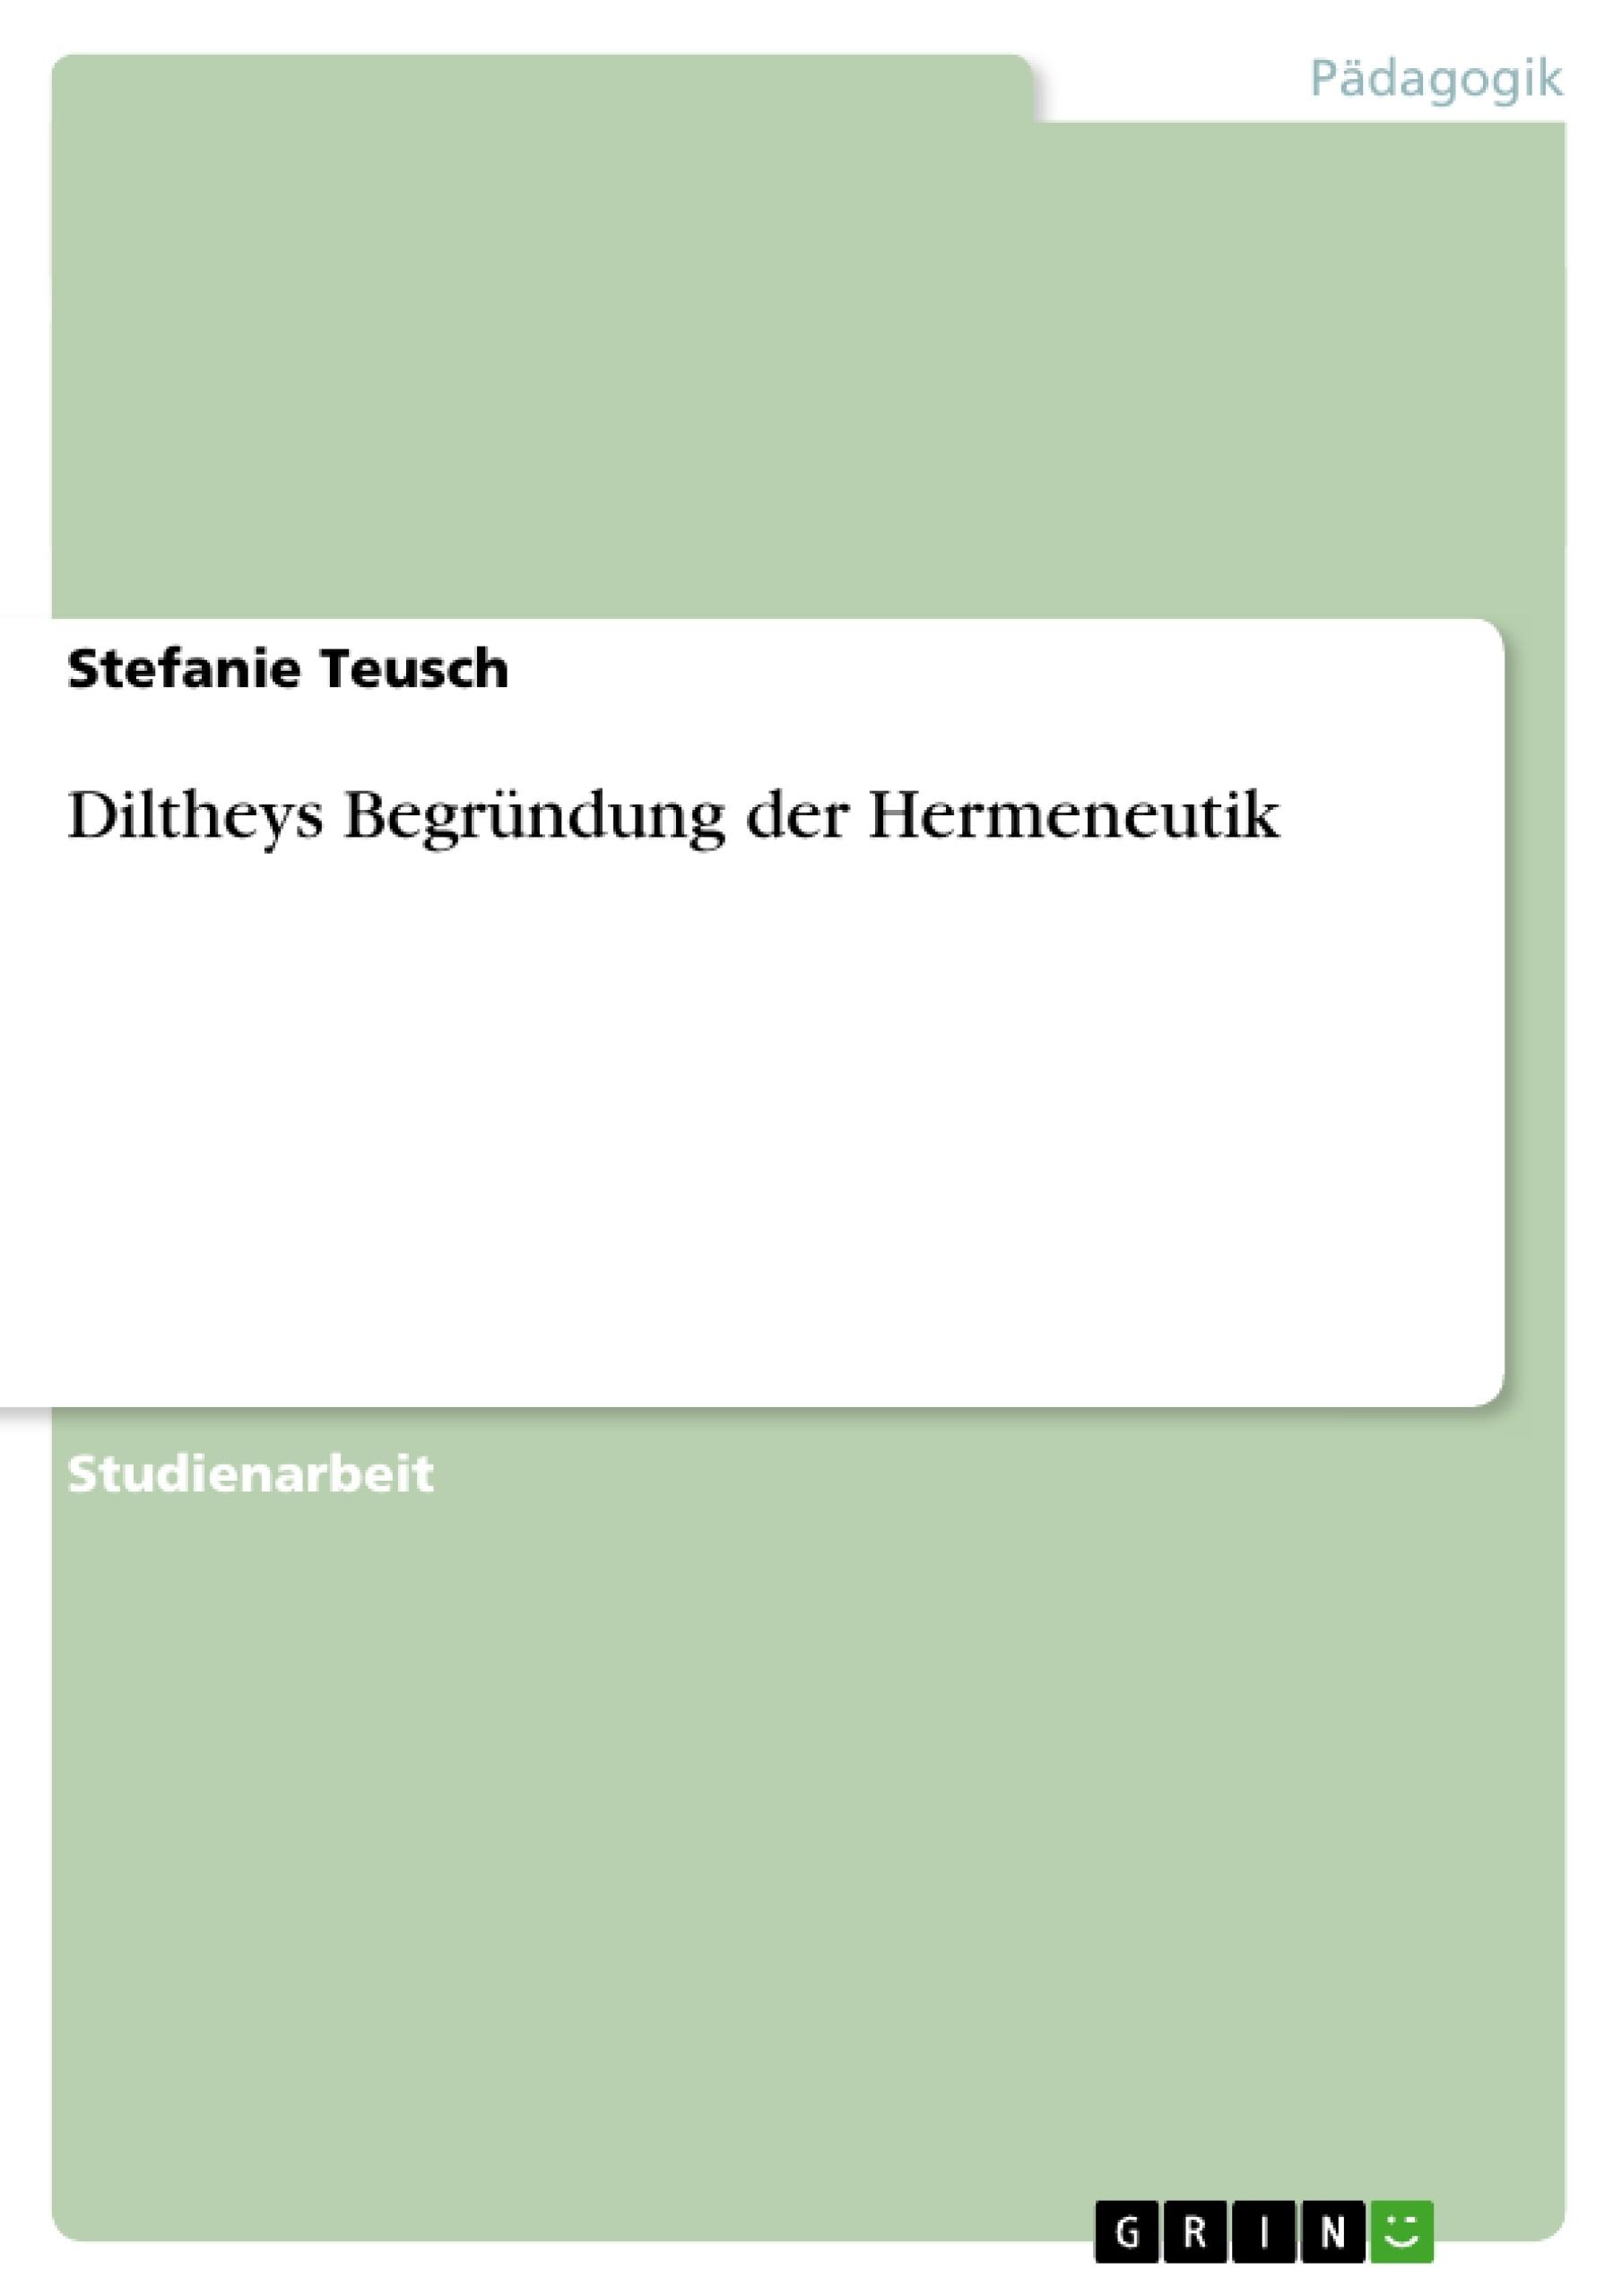 Titel: Diltheys Begründung der Hermeneutik